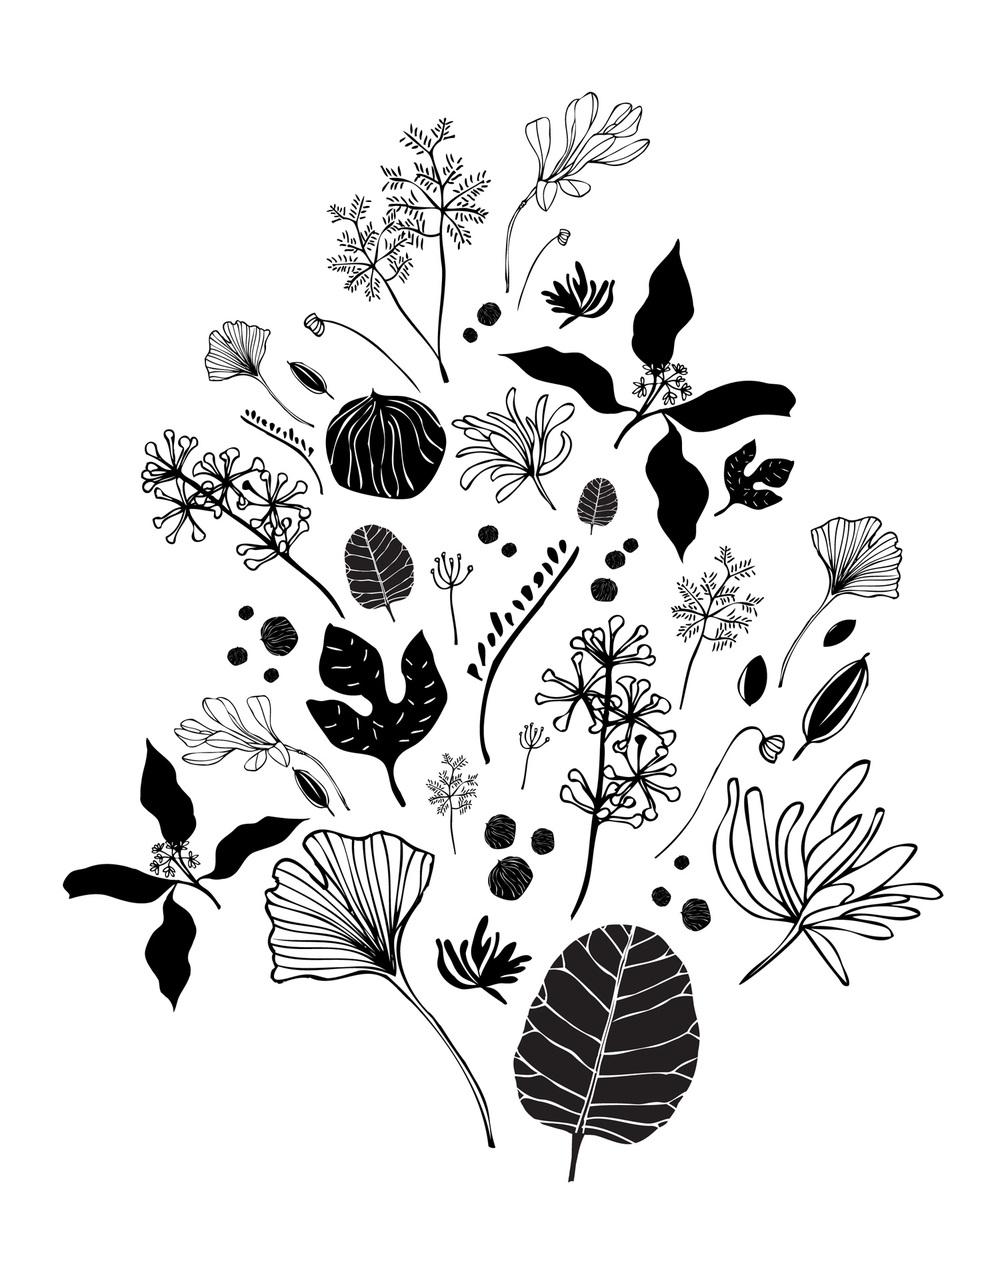 Flora 3 - Laurie Baars